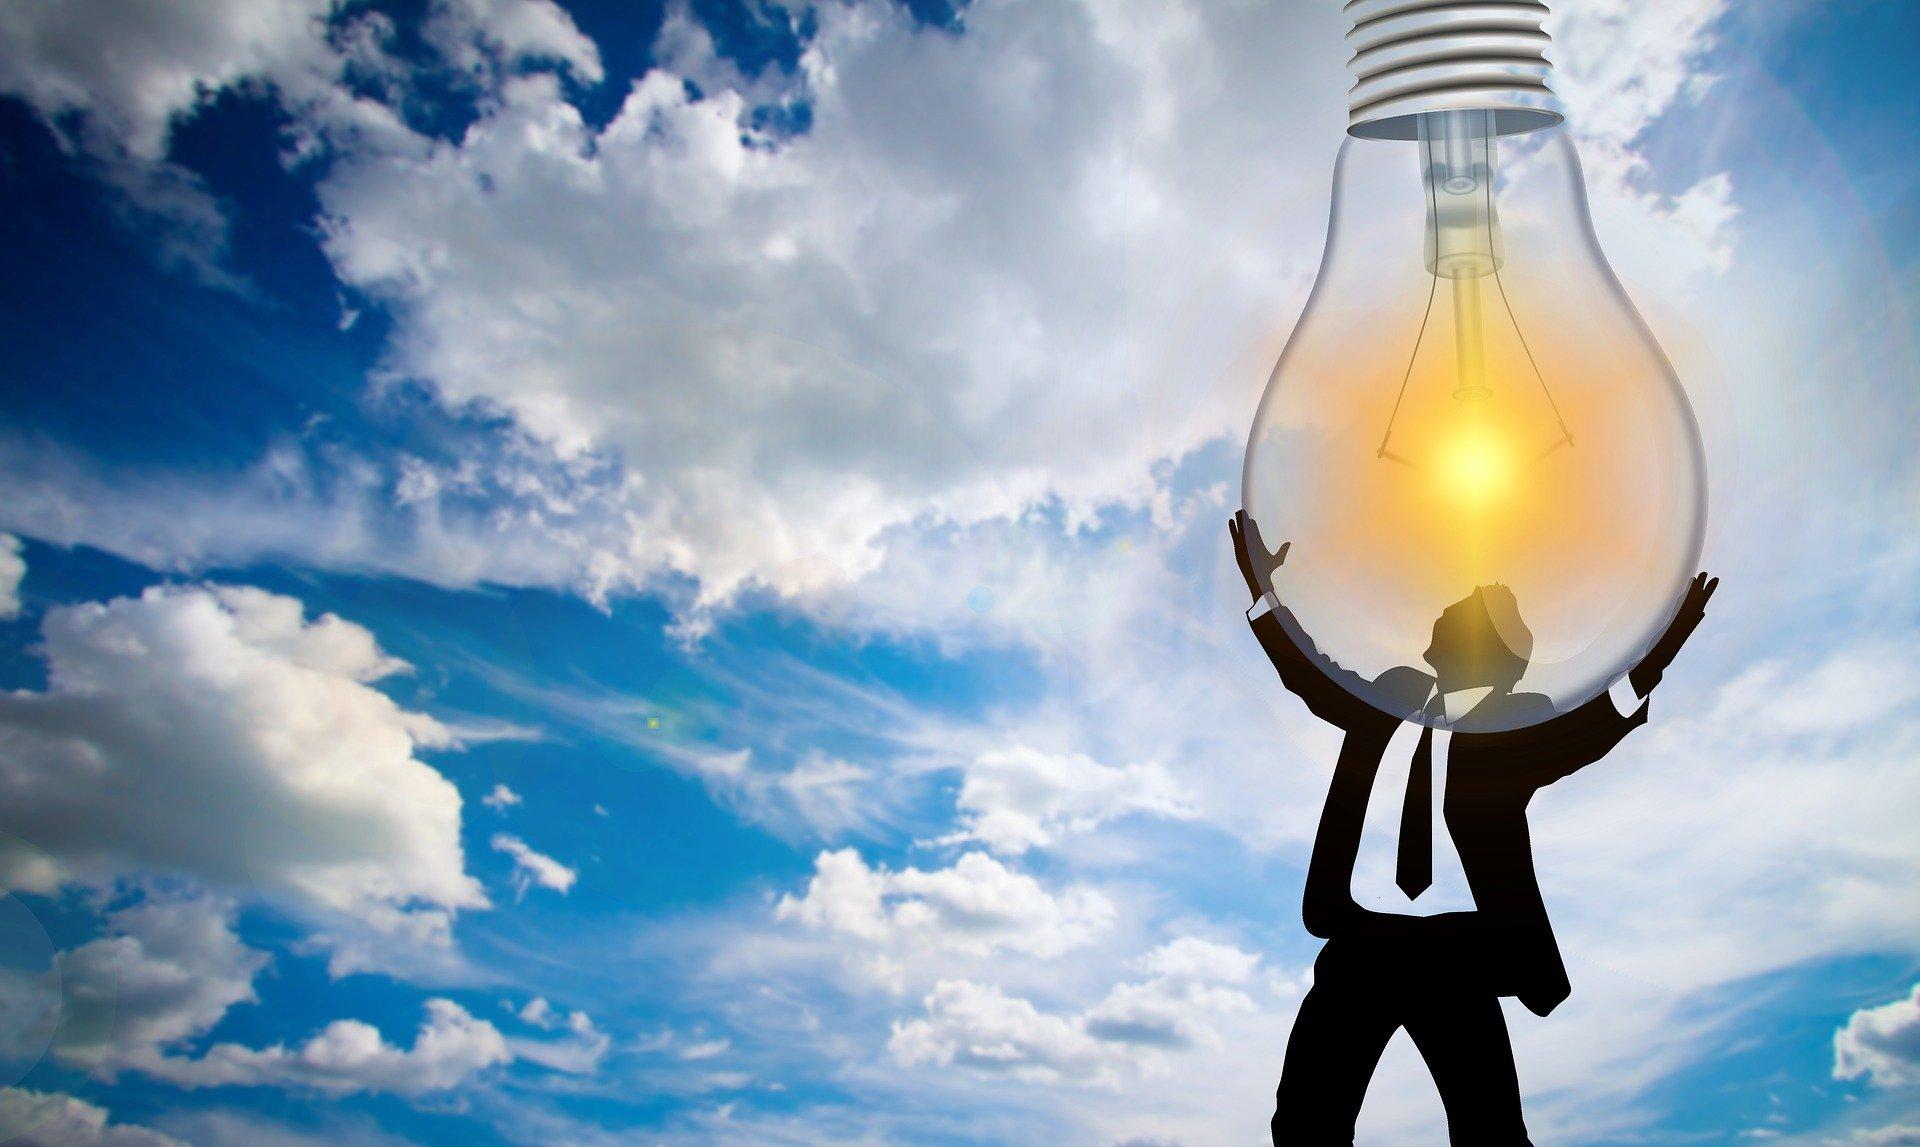 Особливості складання тендерної документації для закупівлі електроенергії